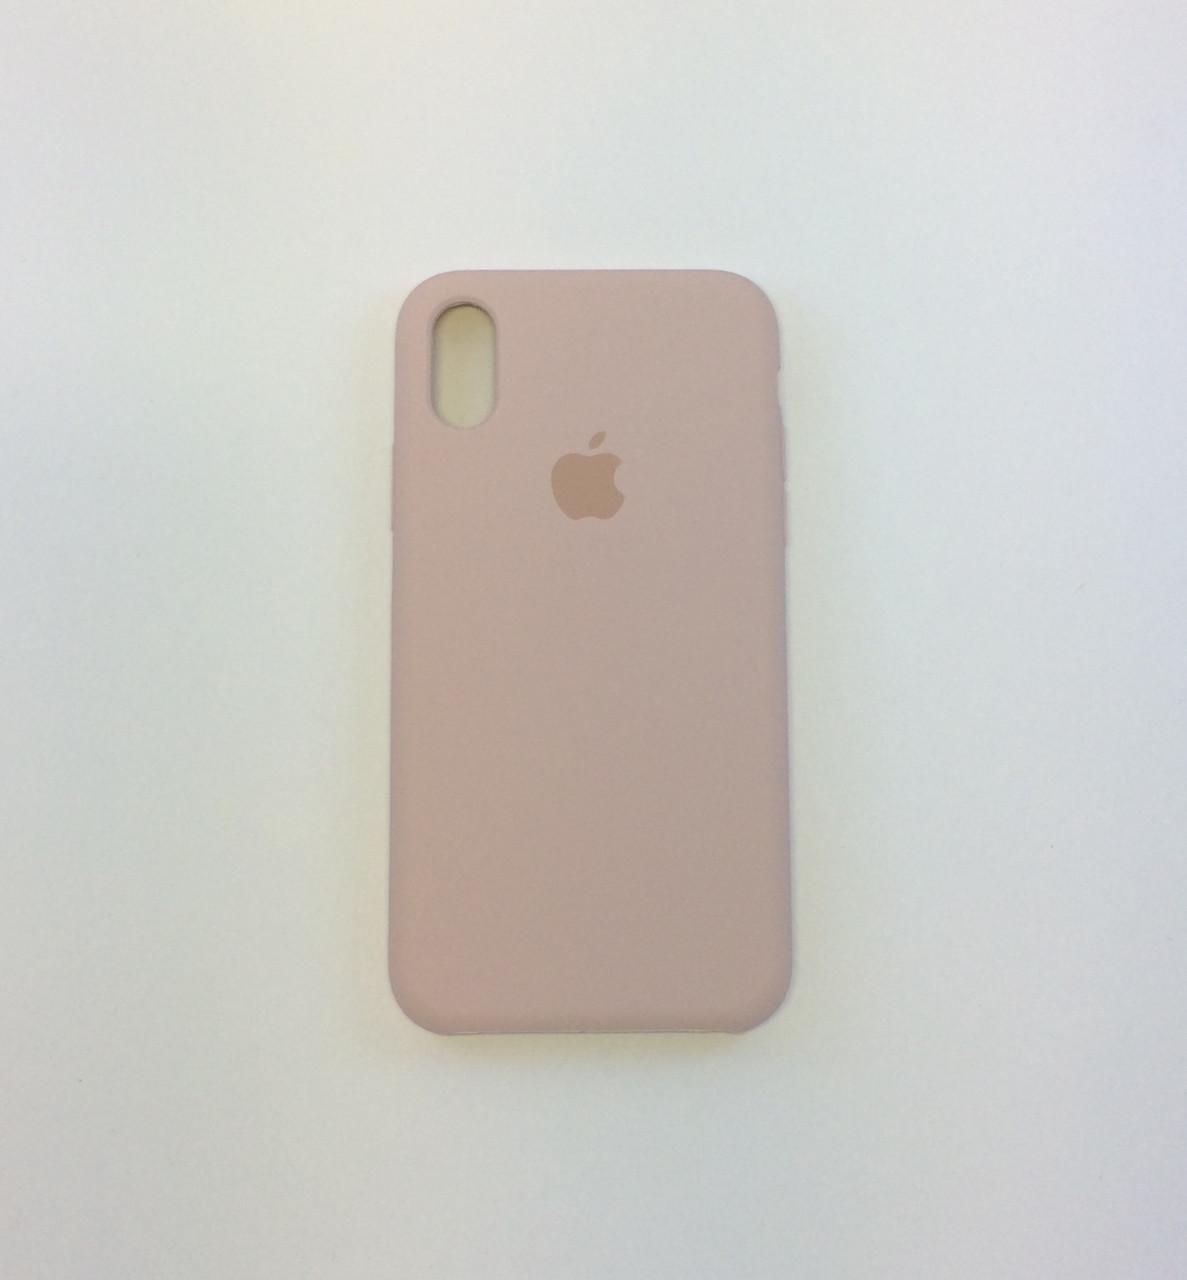 Силиконовый чехол для iPhone Xr, - «пудра» - copy original